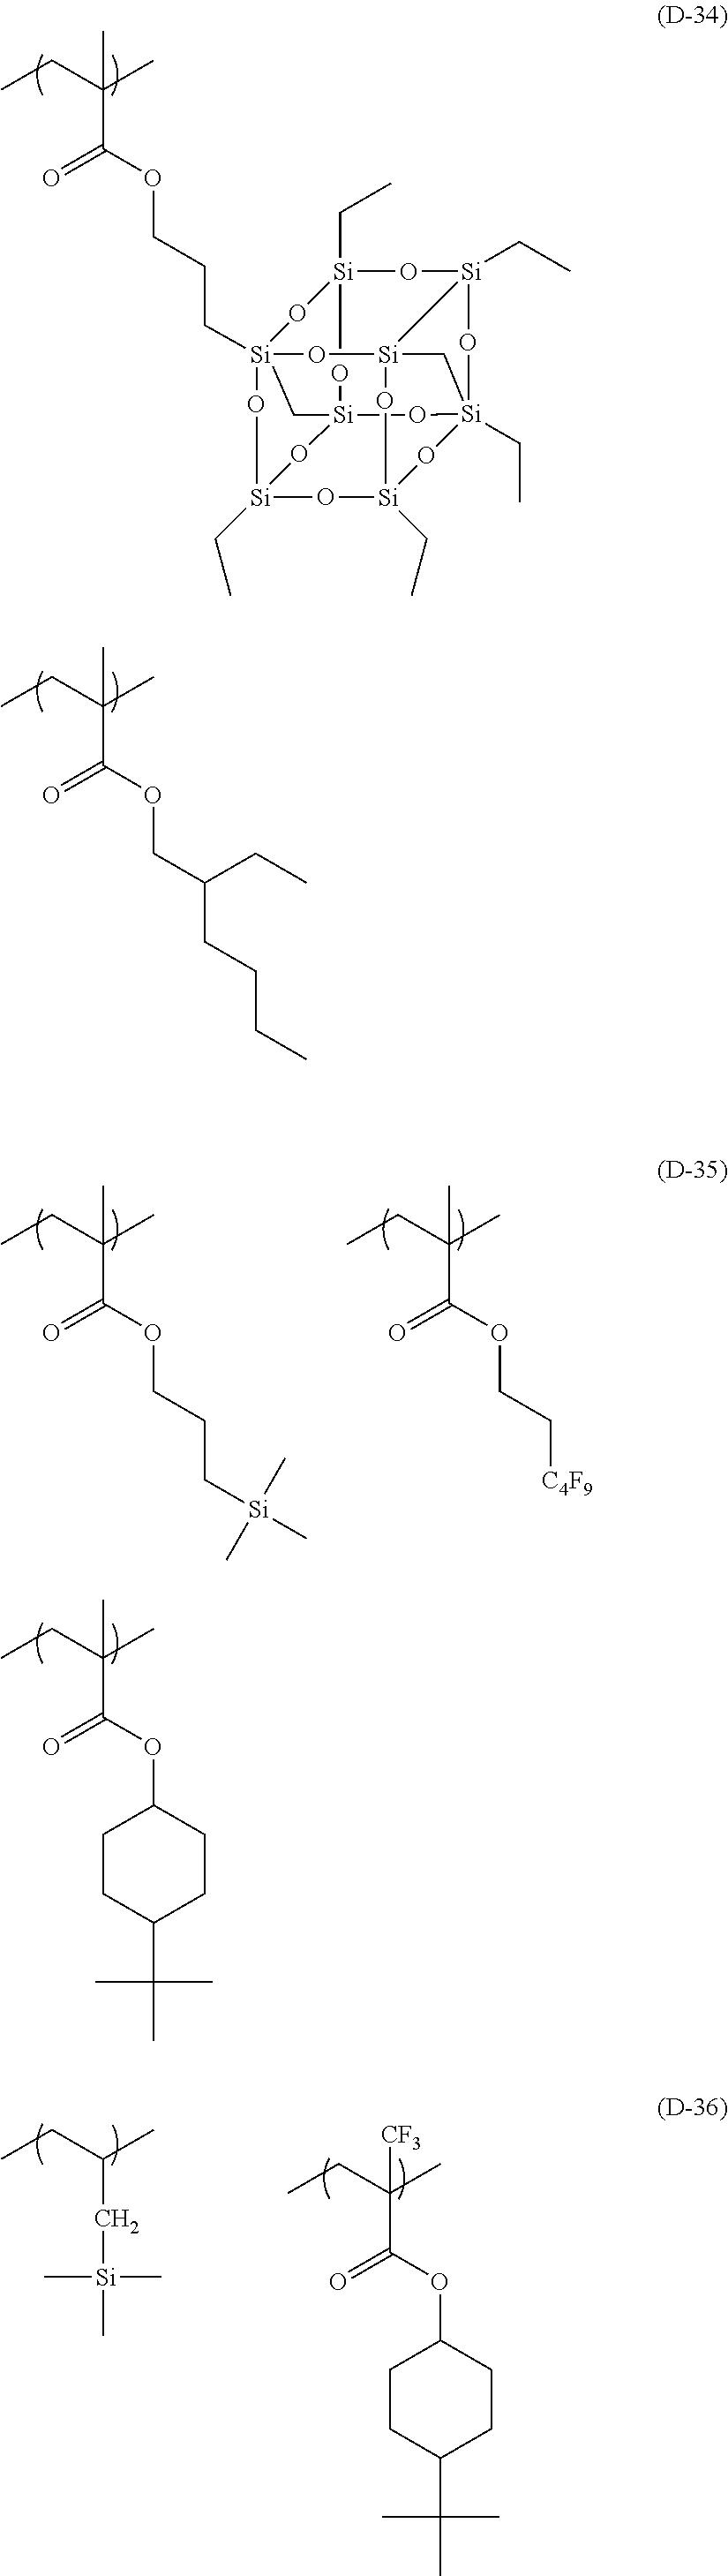 Figure US08632942-20140121-C00097